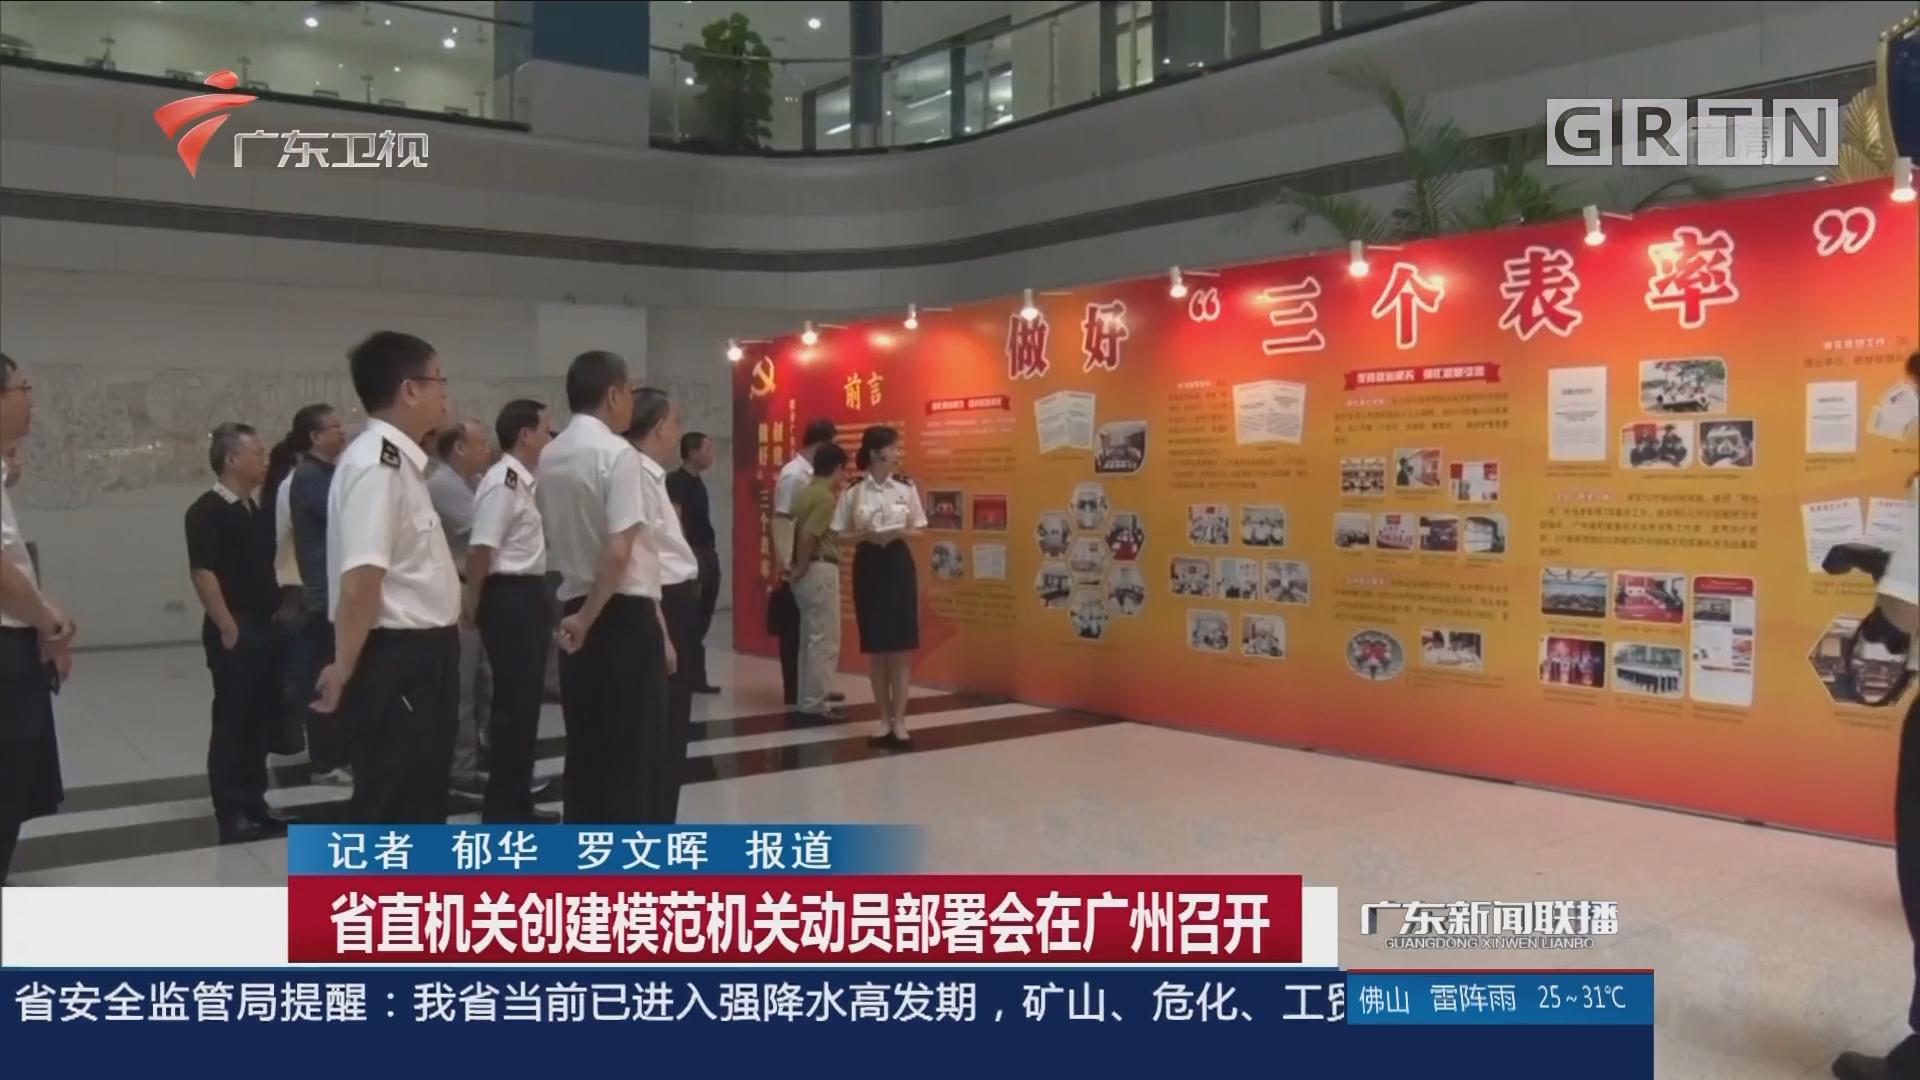 省直机关创建模范机关动员部署会在广州召开